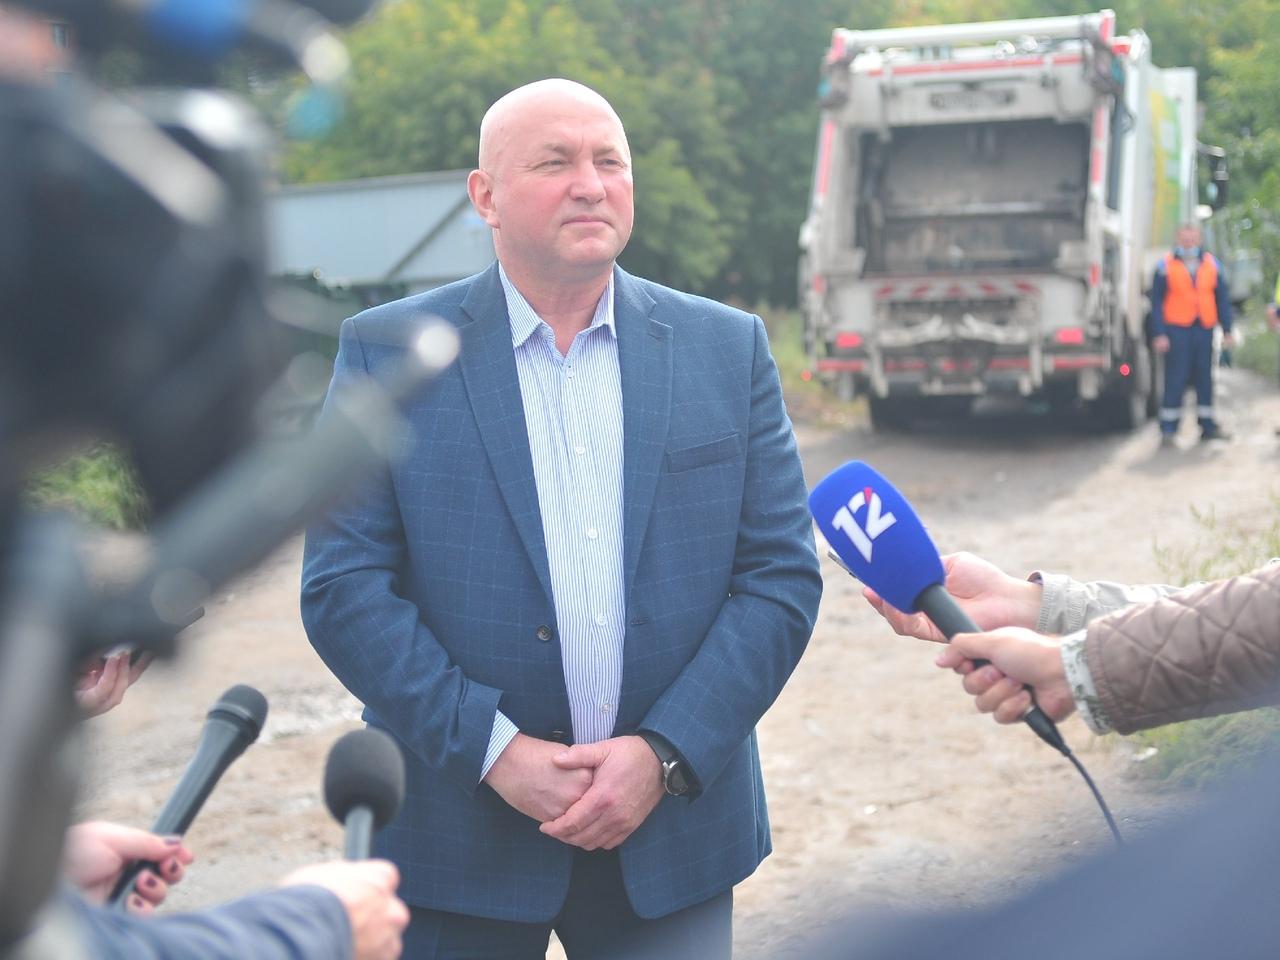 Чиновник назвал нынешний «мусорный» норматив для омичей «умеренным» #Новости #Общество #Омск